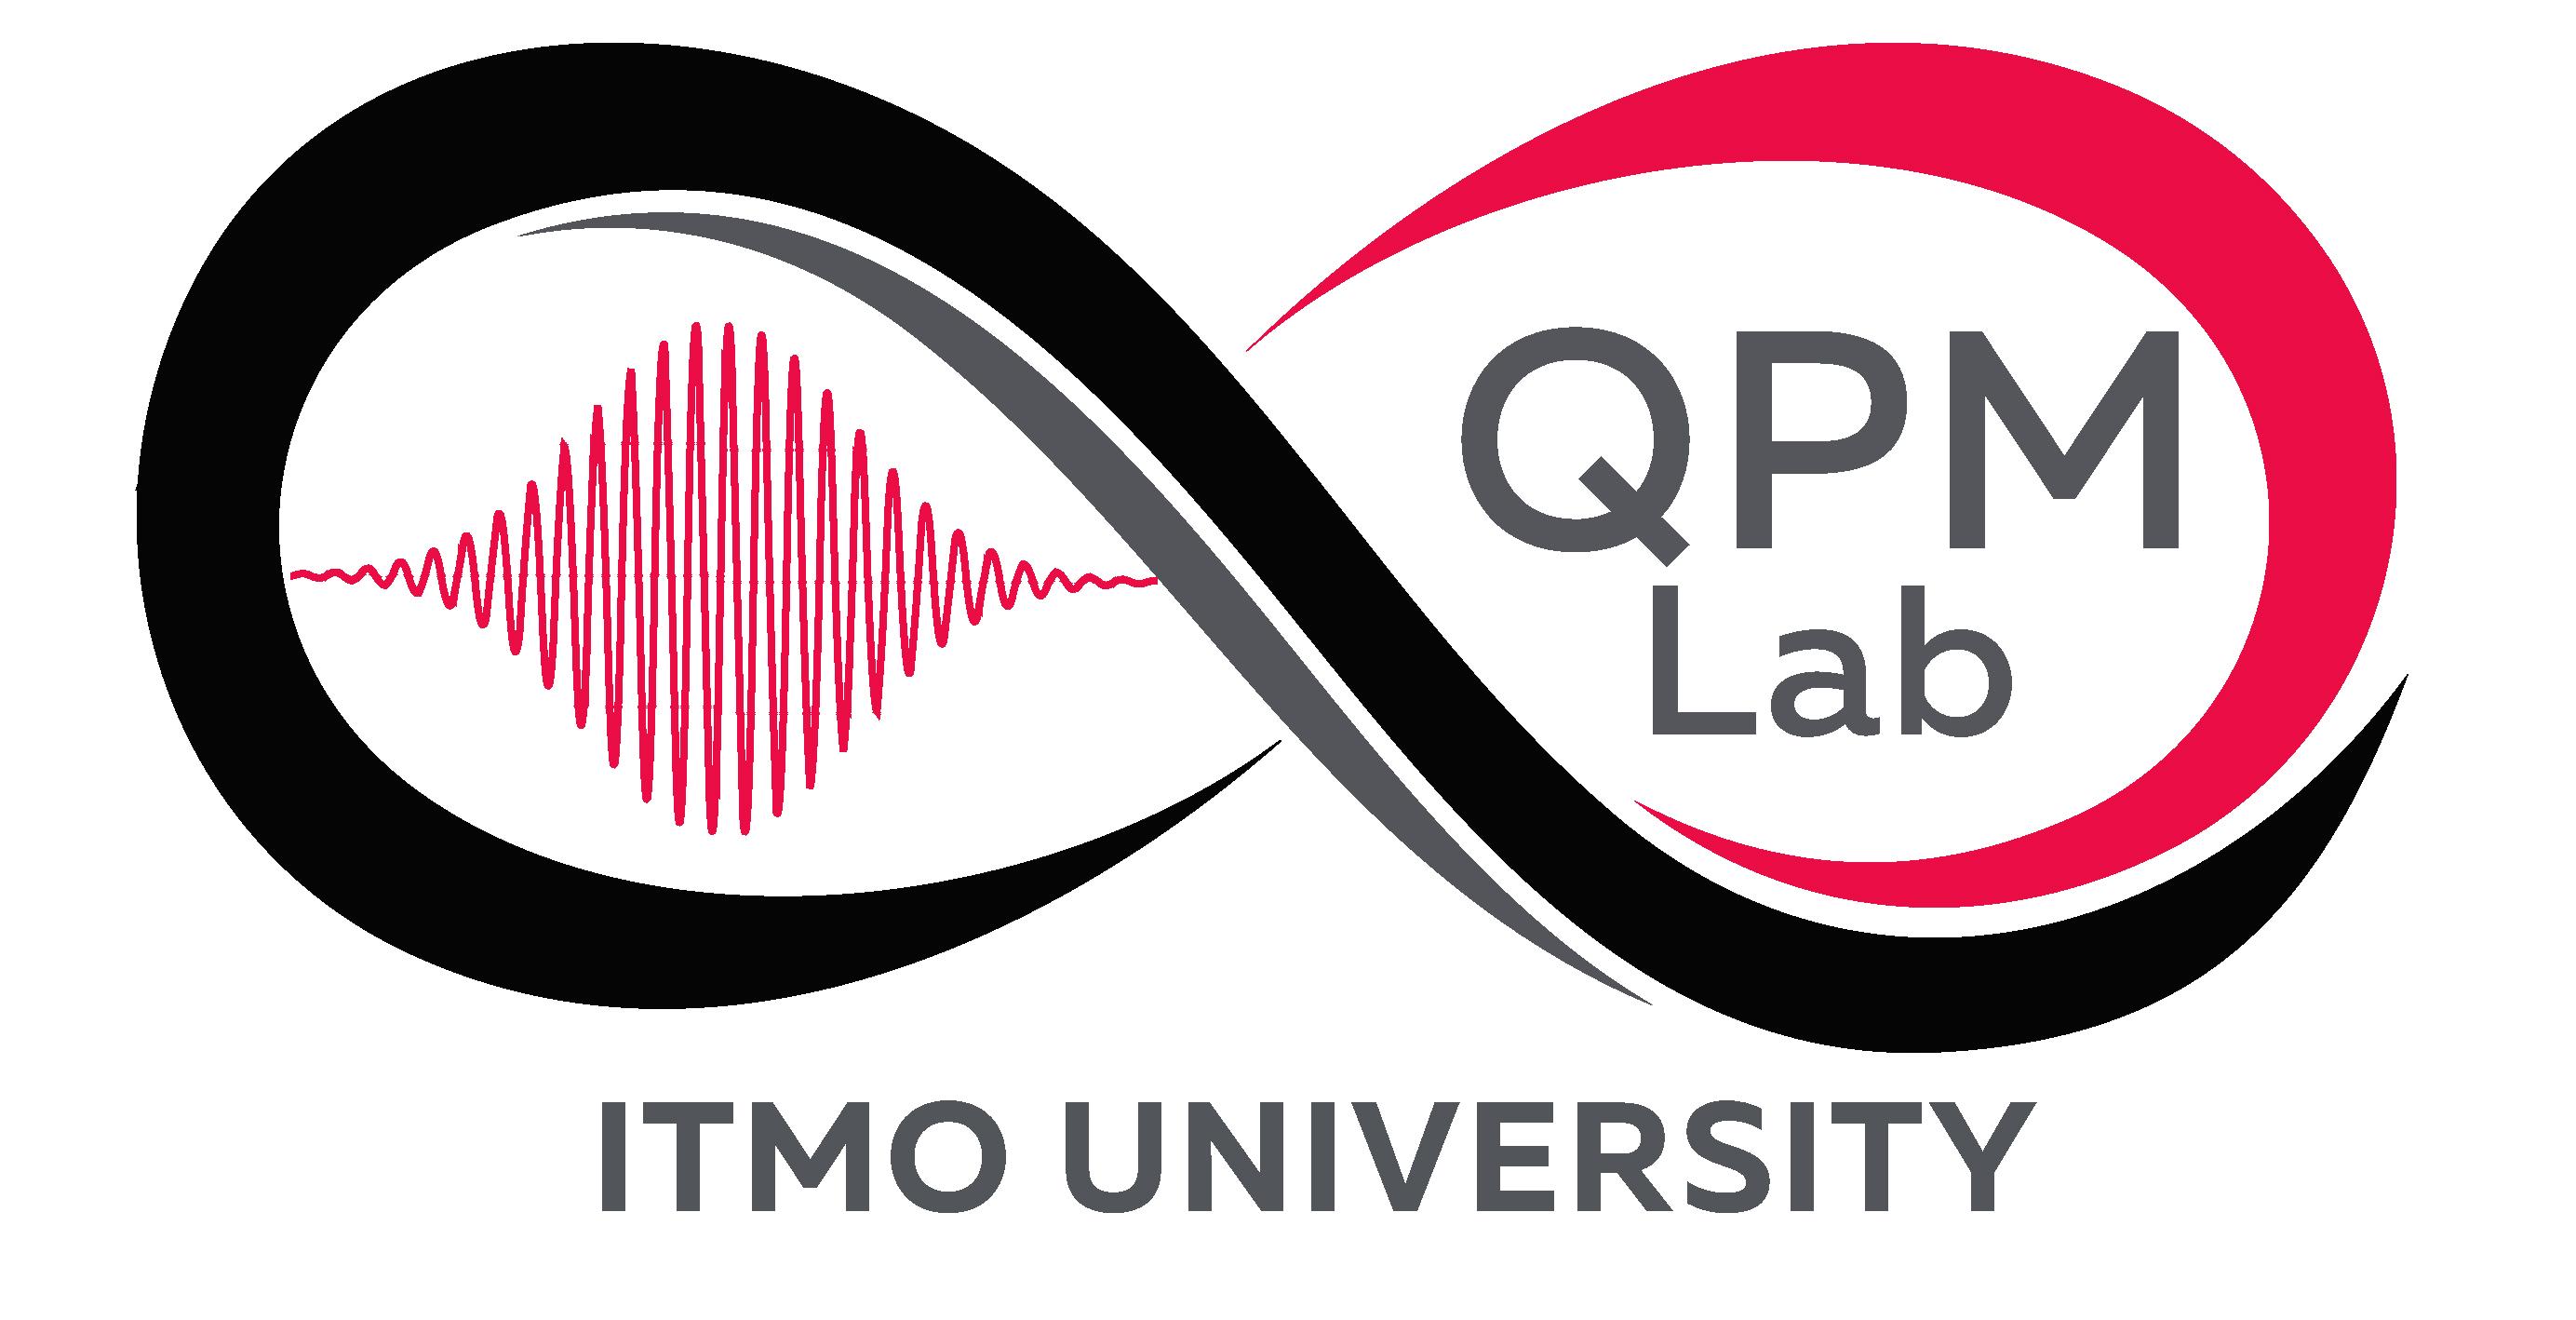 QPM_Lab_ITMO